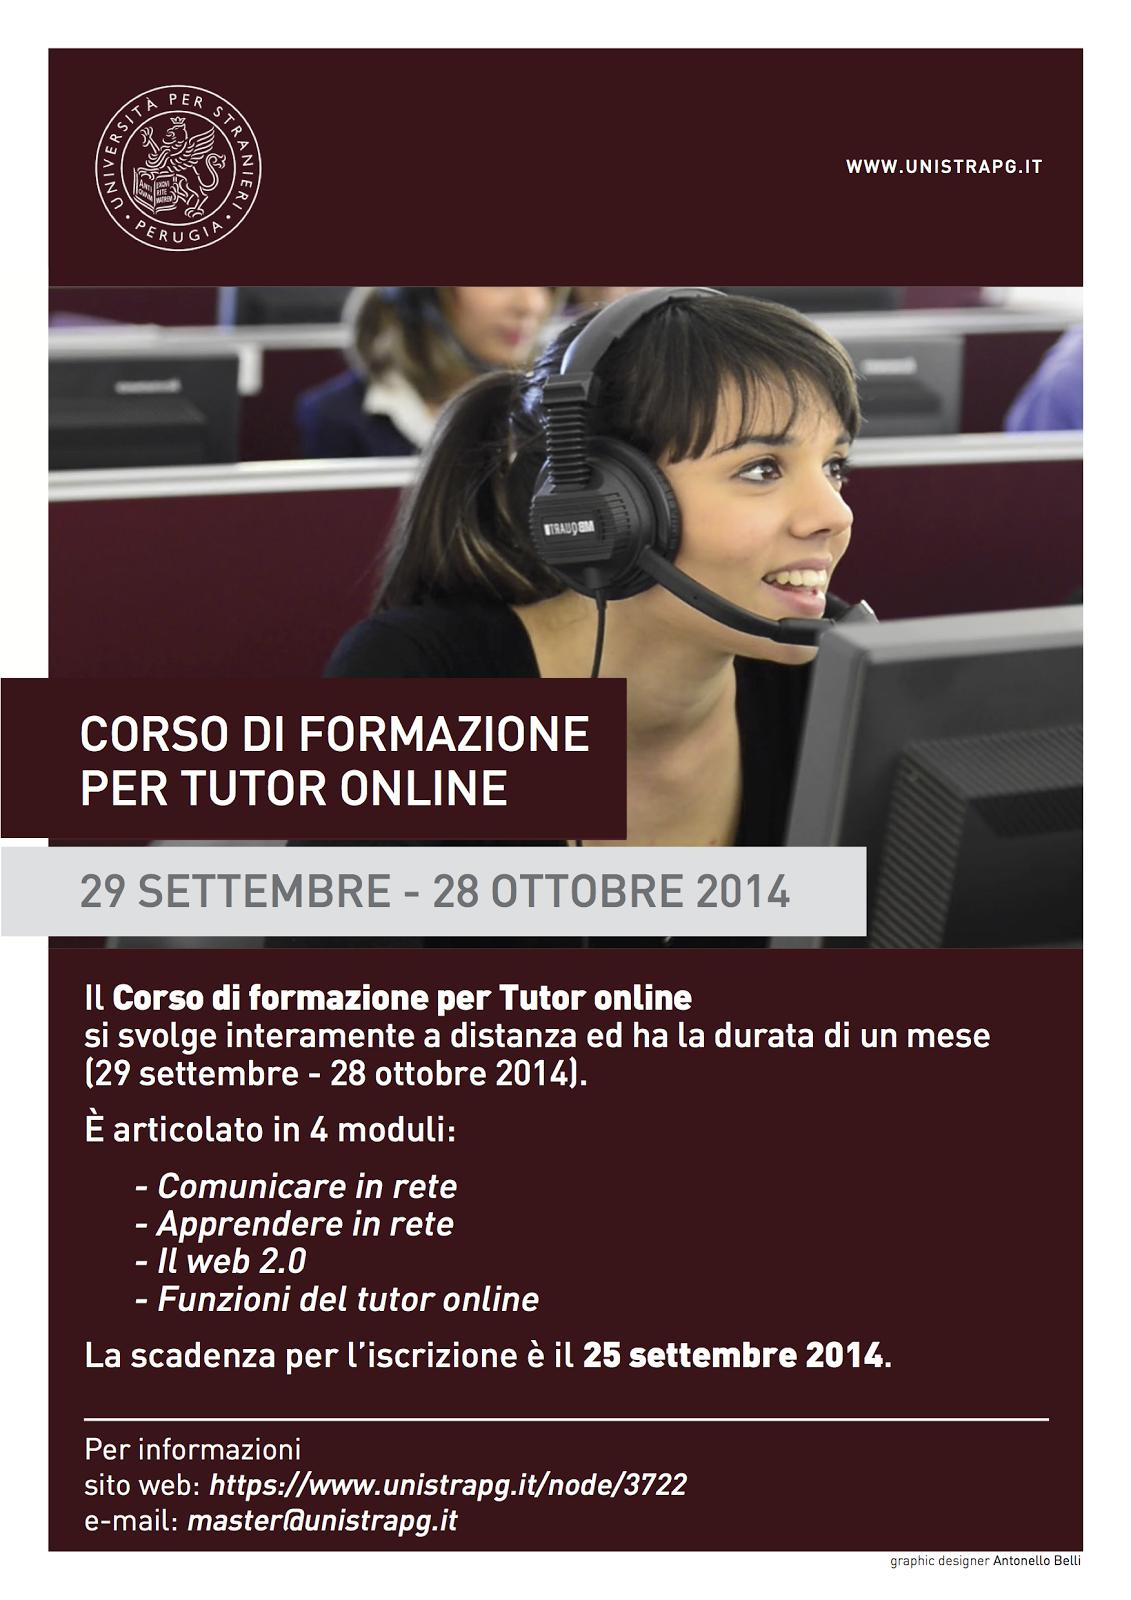 III Corso di Formazione per Tutor online (29 settembre - 28 ottobre 2014)